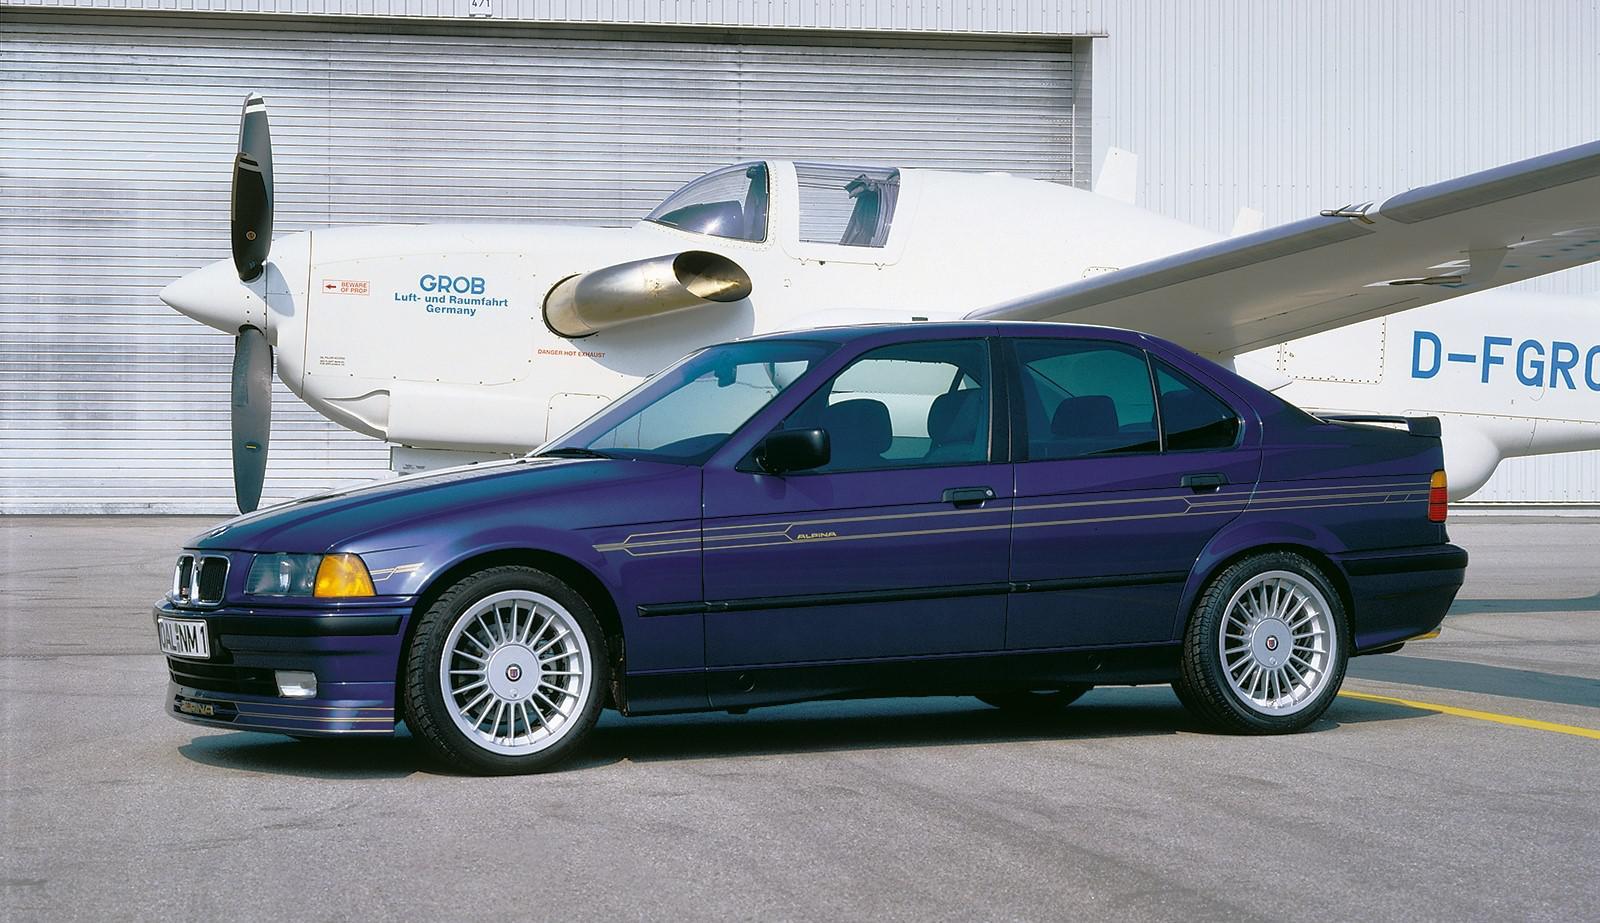 voitures-de-sports-qui-auront-25-ans-aujourd-hui-1269-12.jpg